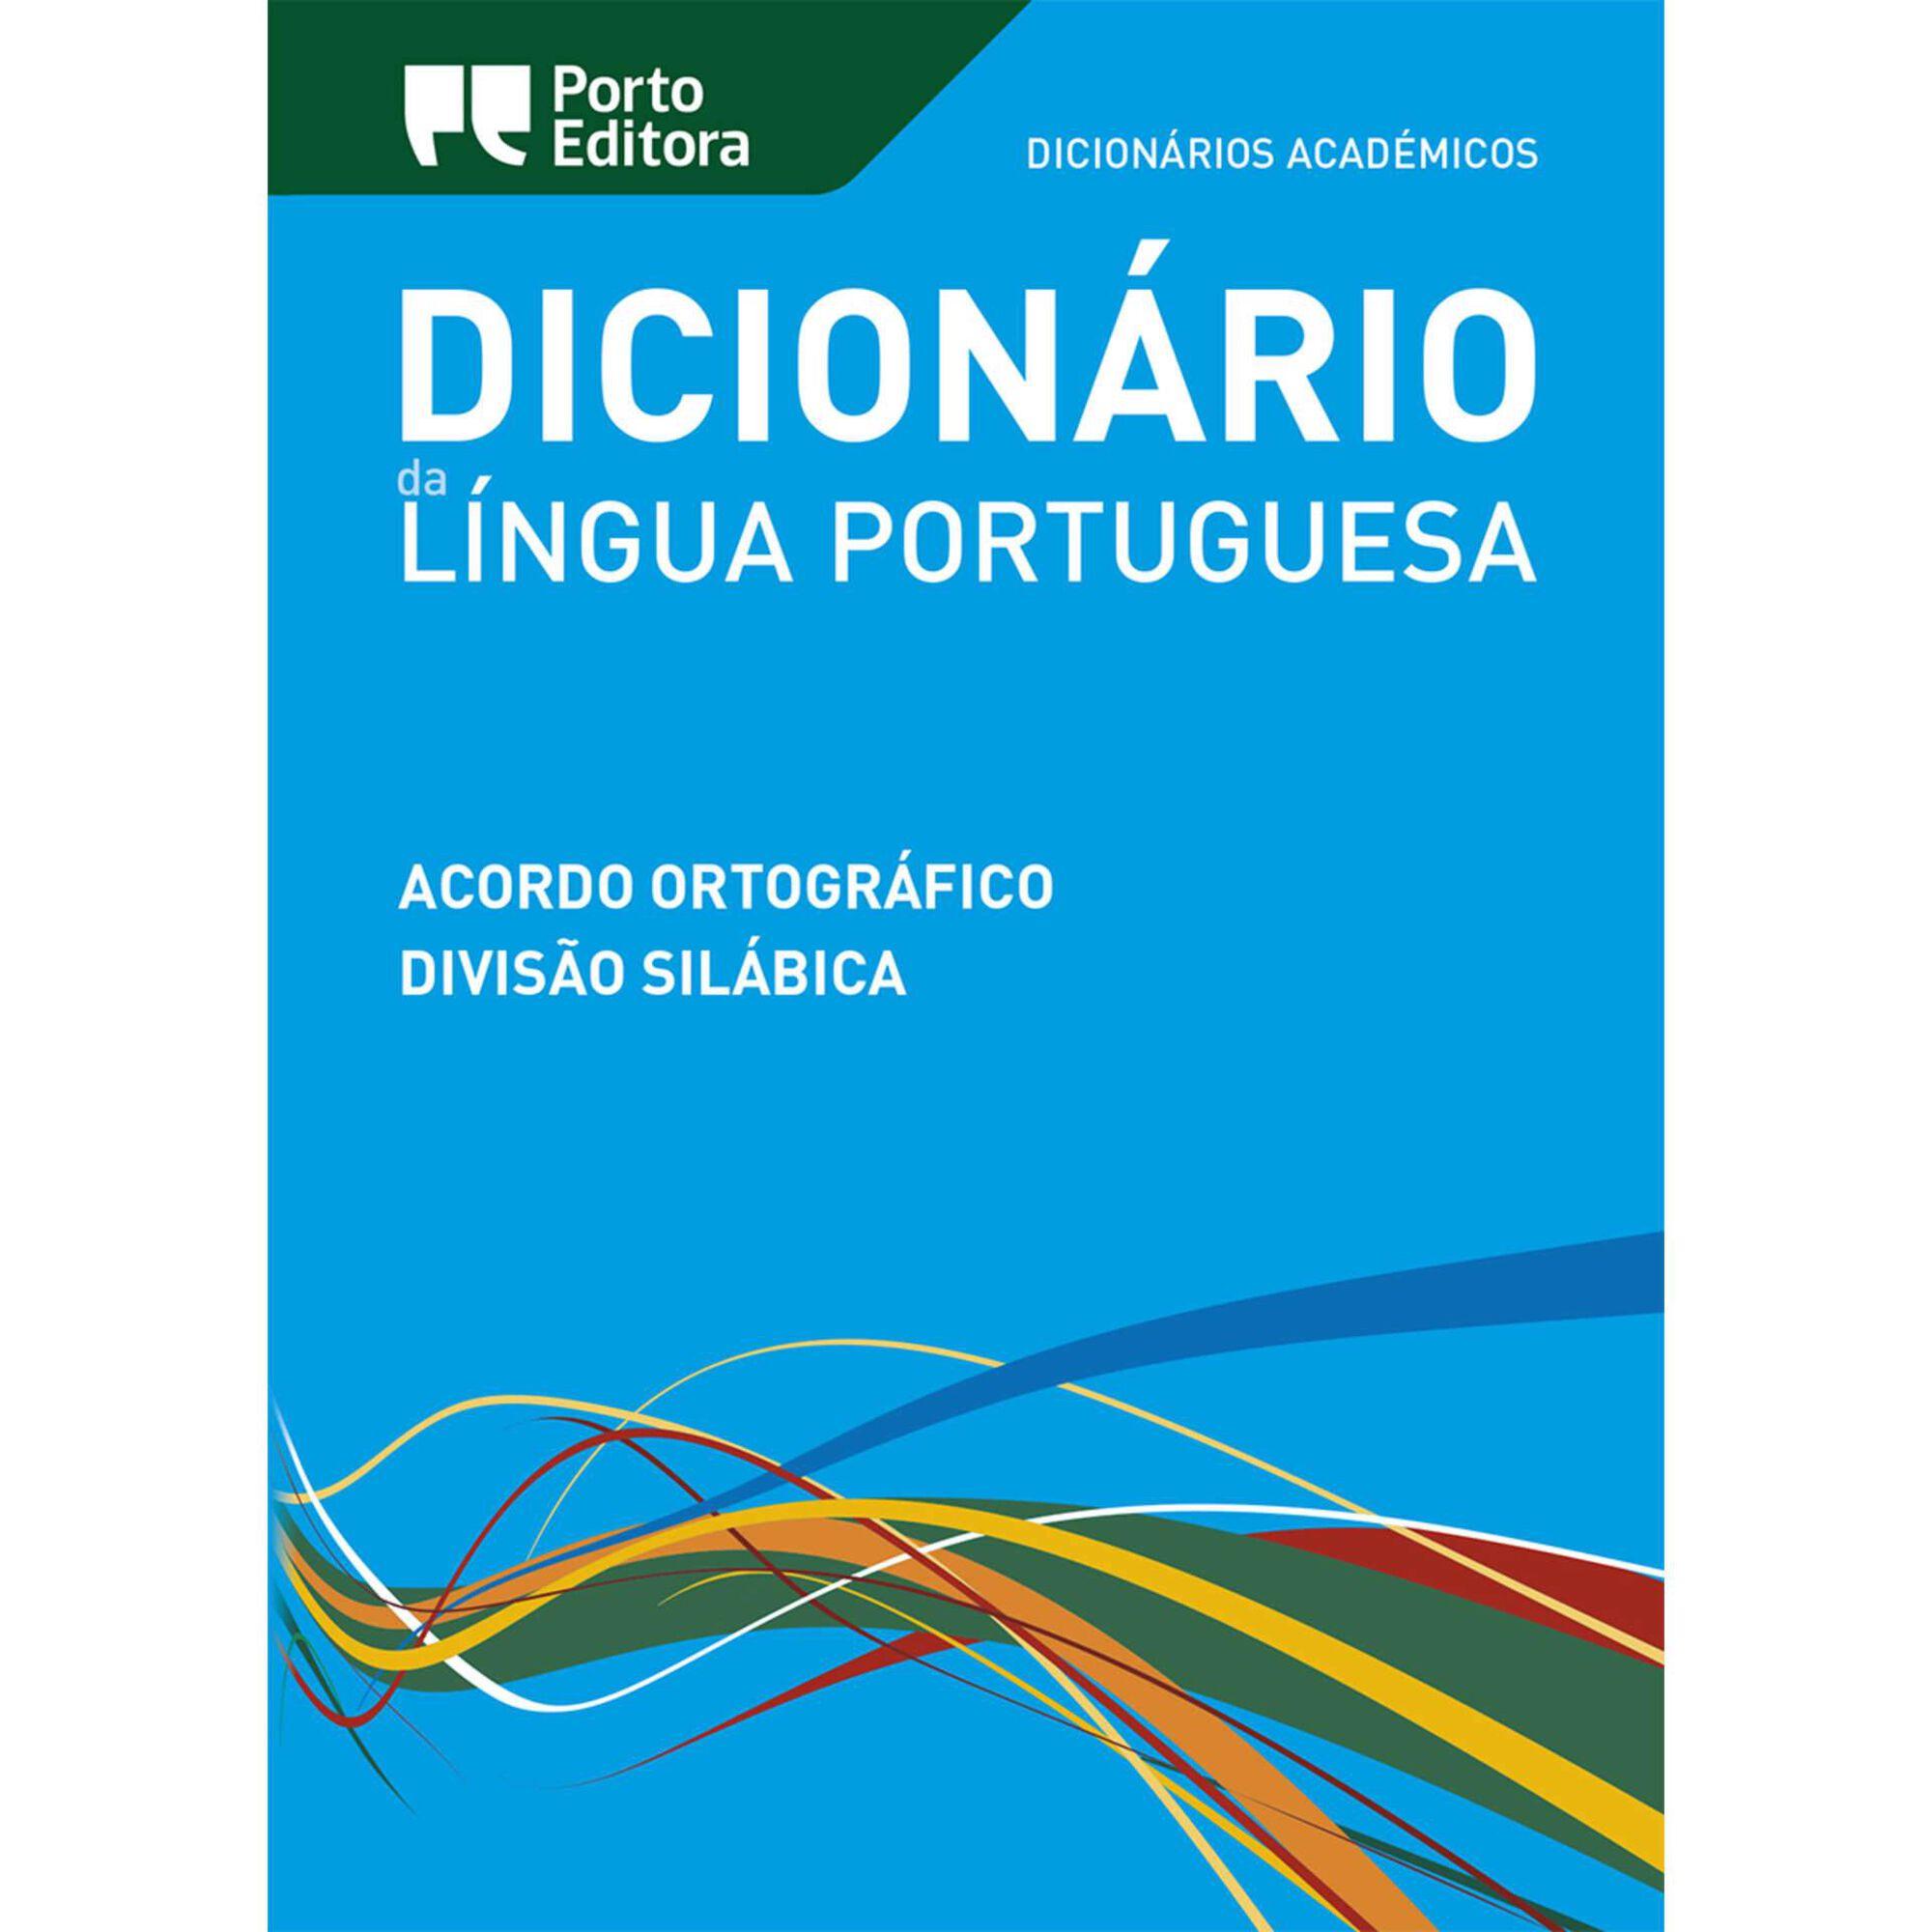 Dicionário Académico da Língua Portuguesa